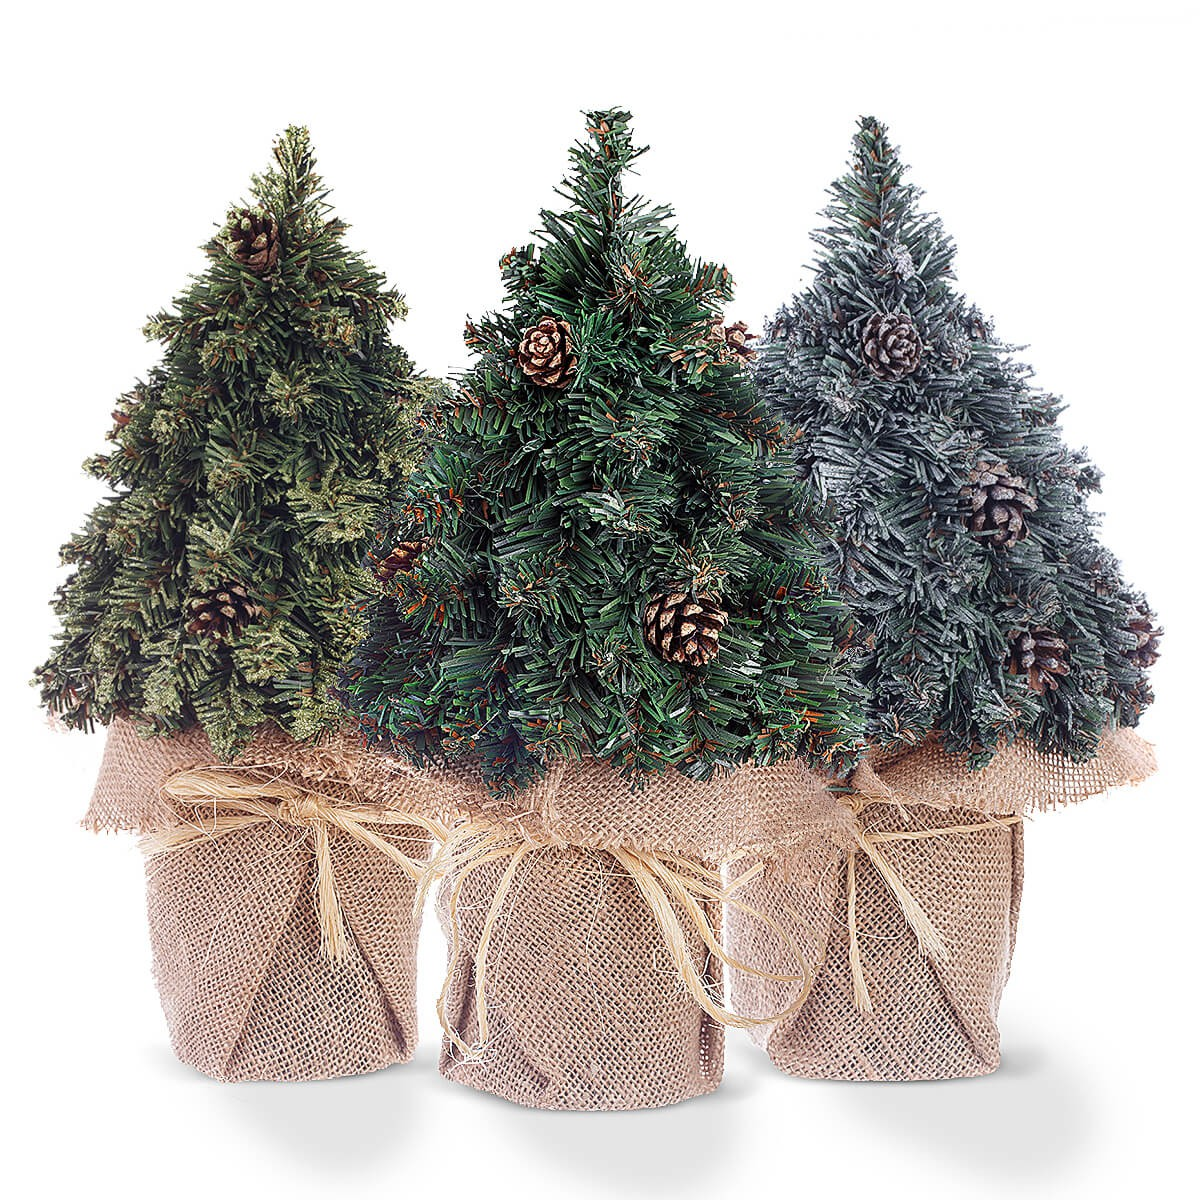 Unechter Tannenbaum Kunstlicher Weihnachtsbaum 90 Cm Kaufen Bei Obi